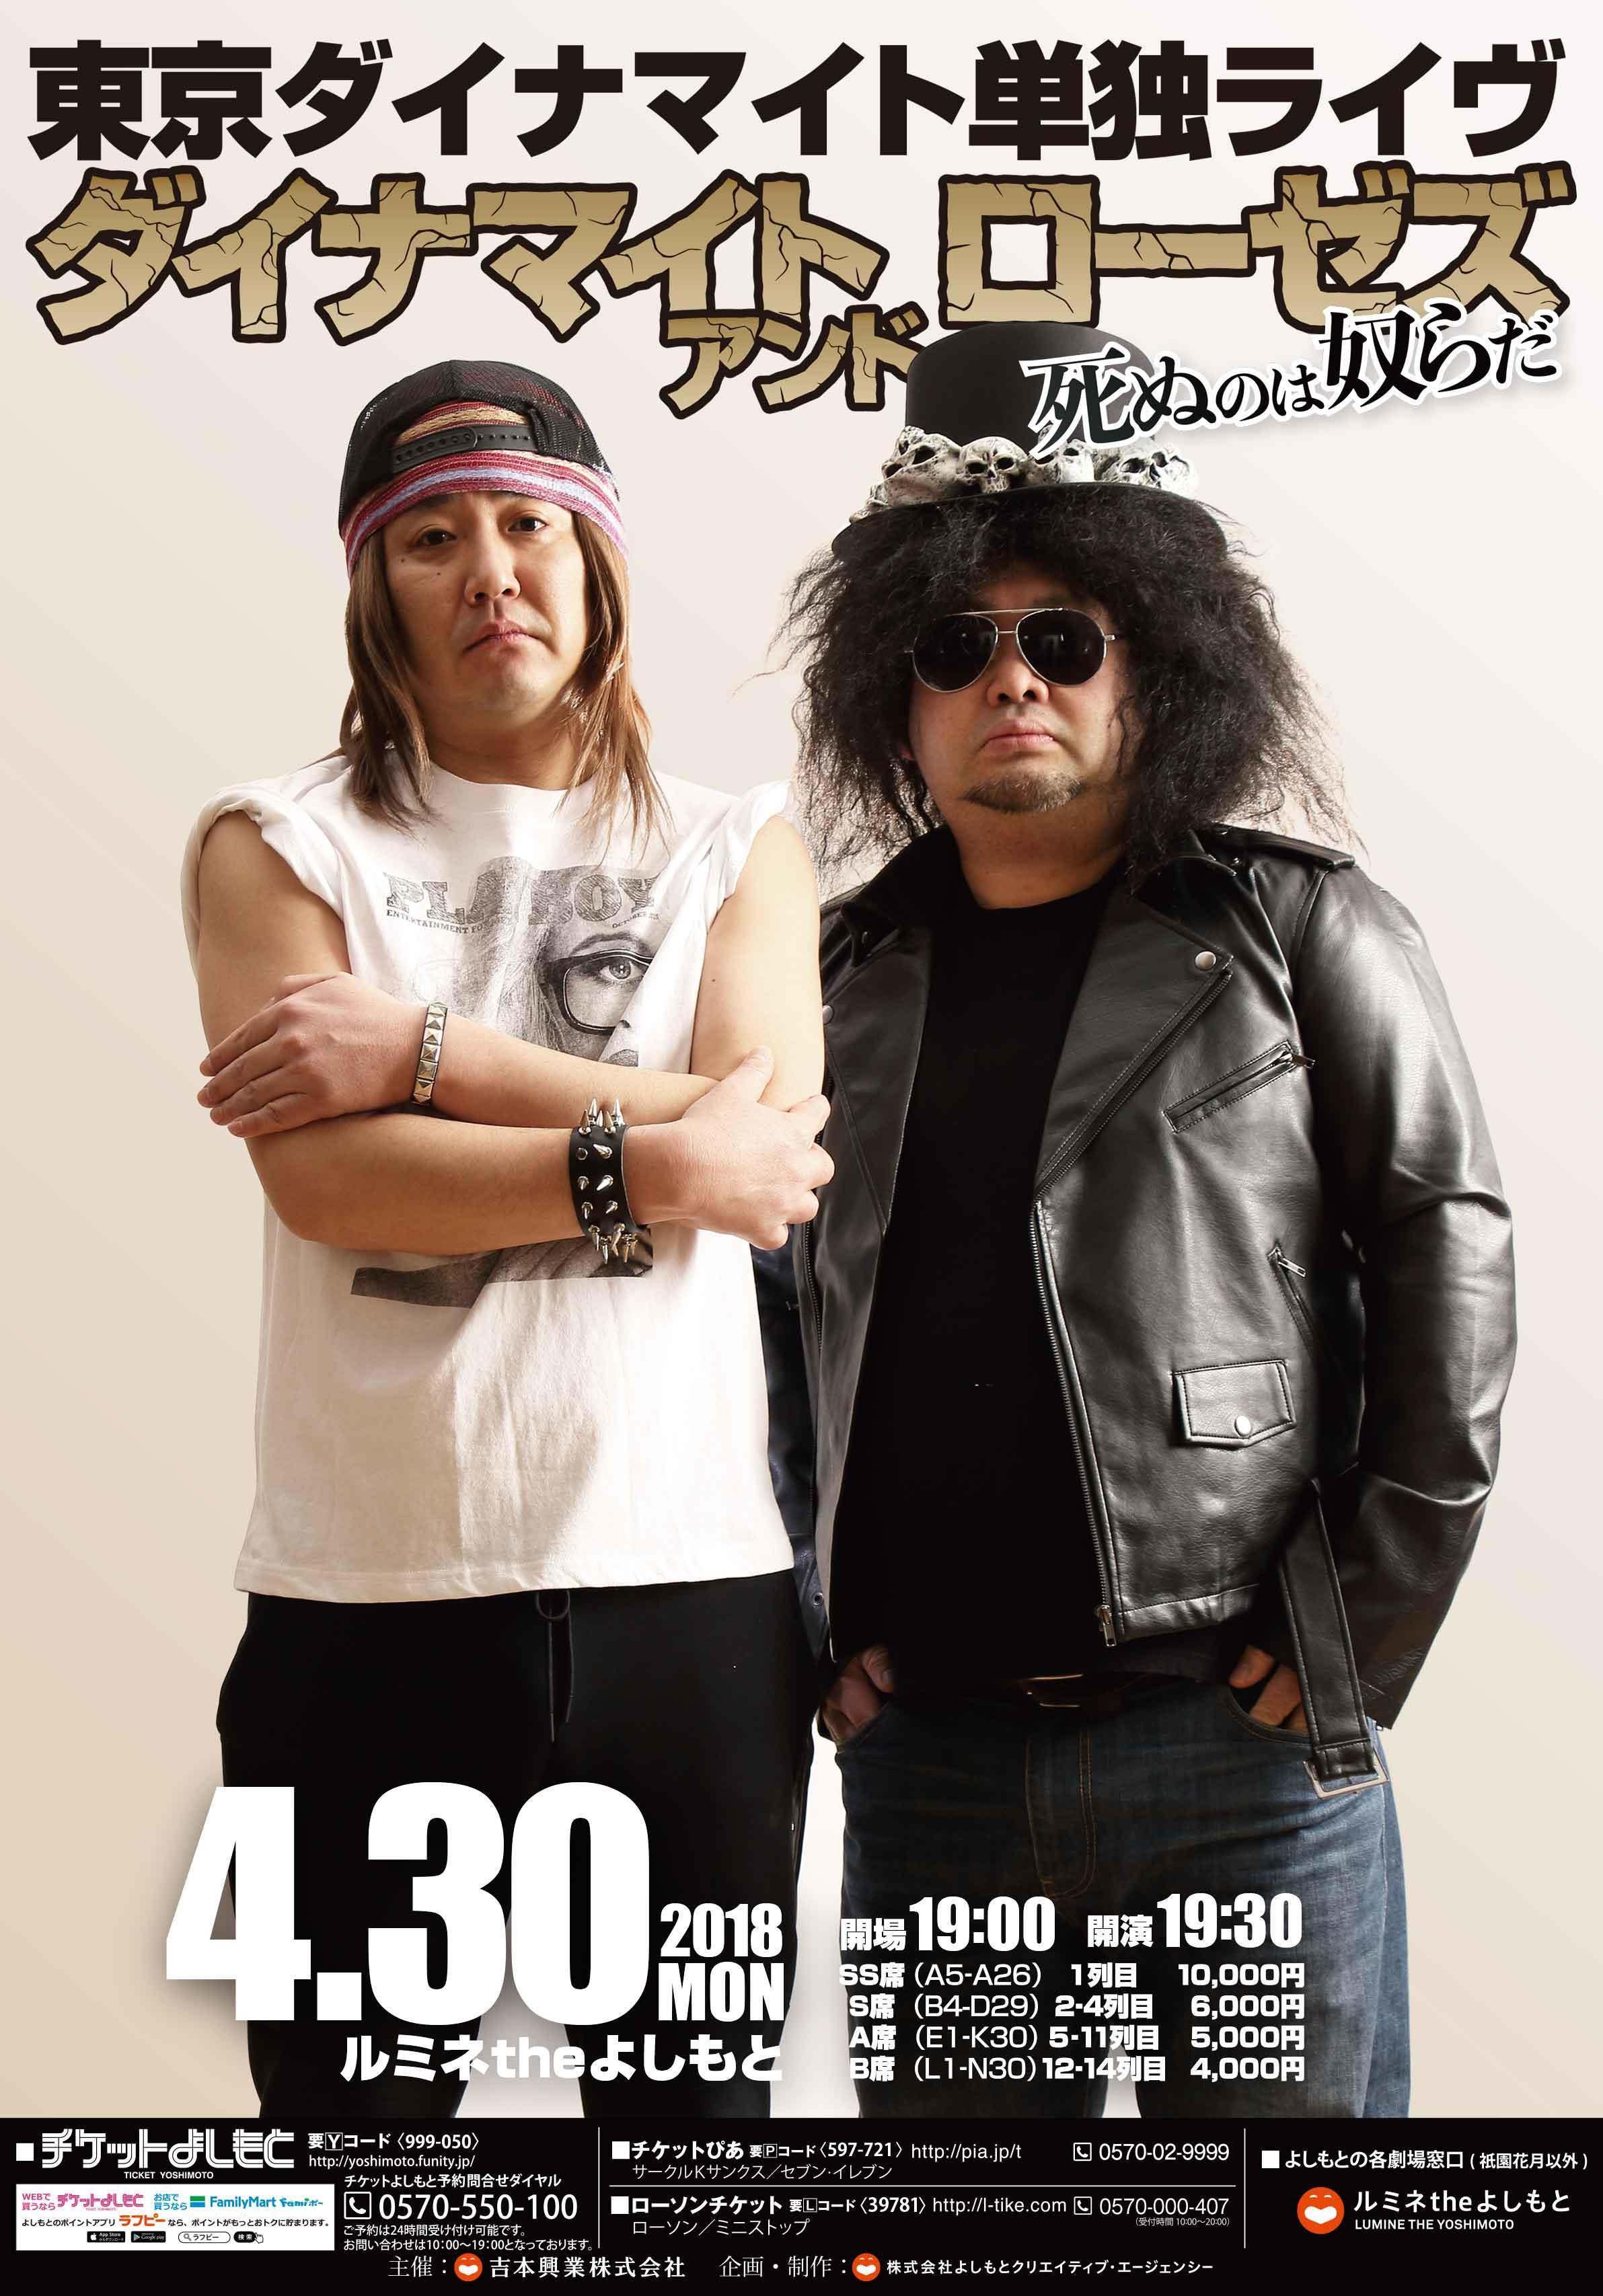 http://news.yoshimoto.co.jp/20180426155532-28fe16c3eb0a221b64aa7b08dee4717cb34d3645.jpg